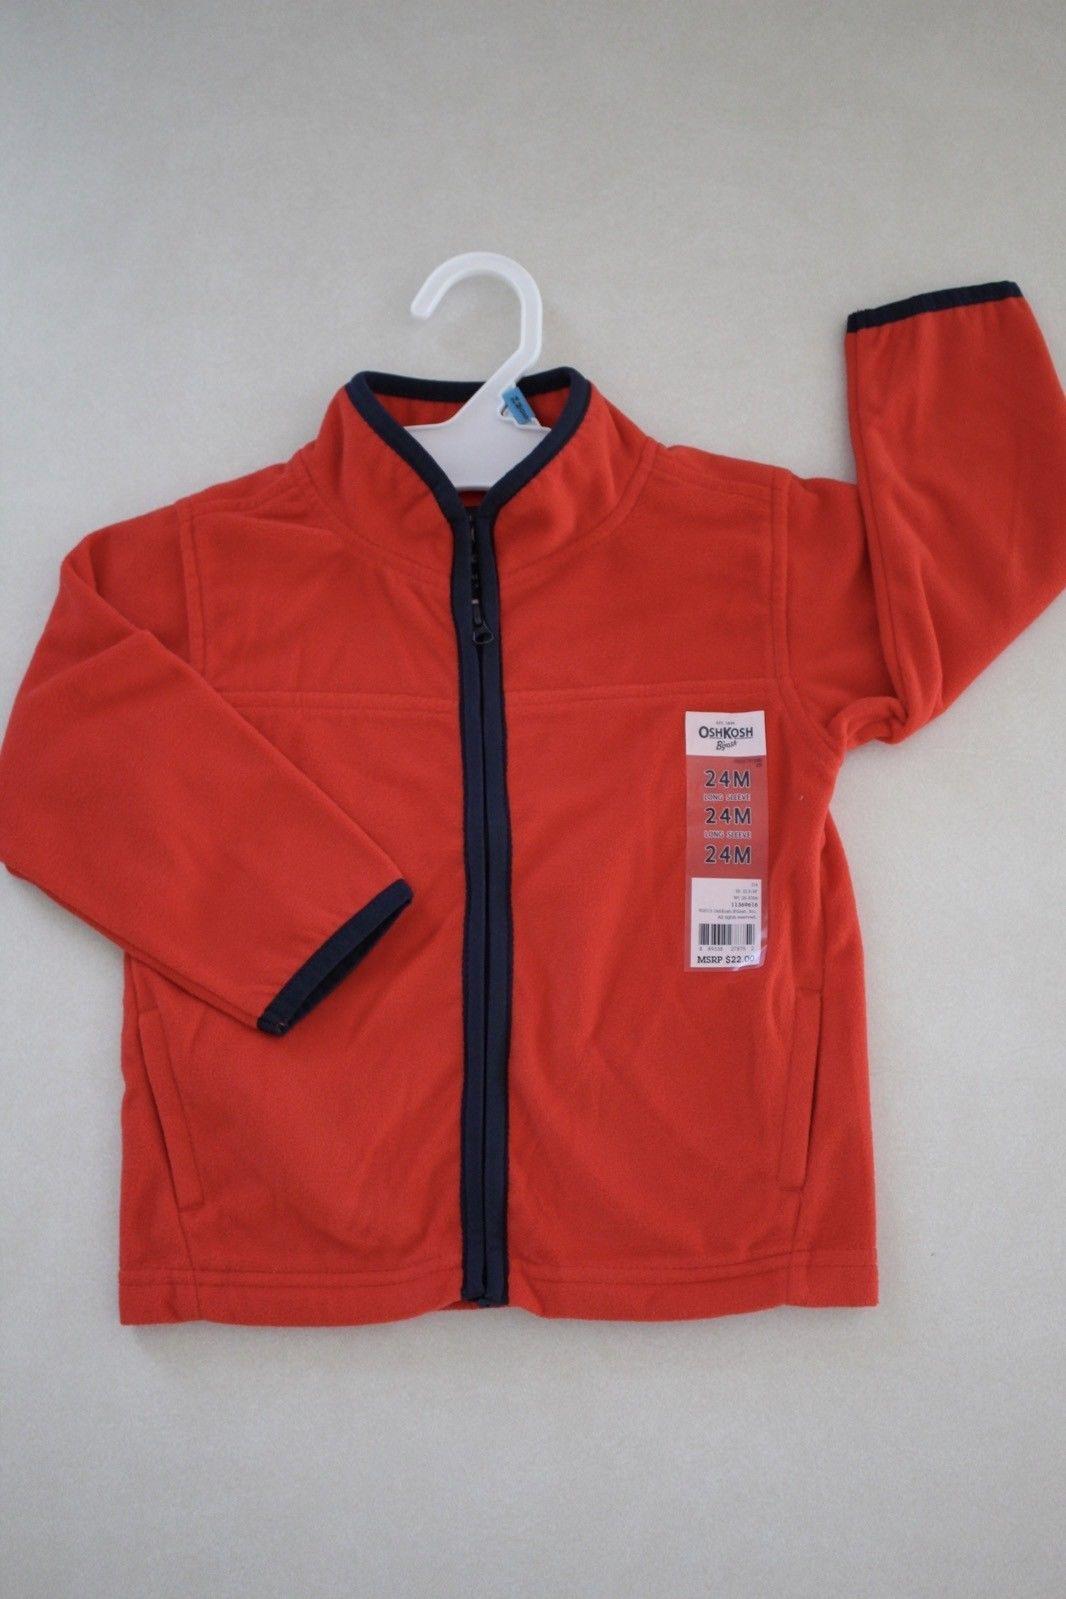 OshKosh B'gosh Toddler Boy's Fleece Jacket size 24M New - $9.89